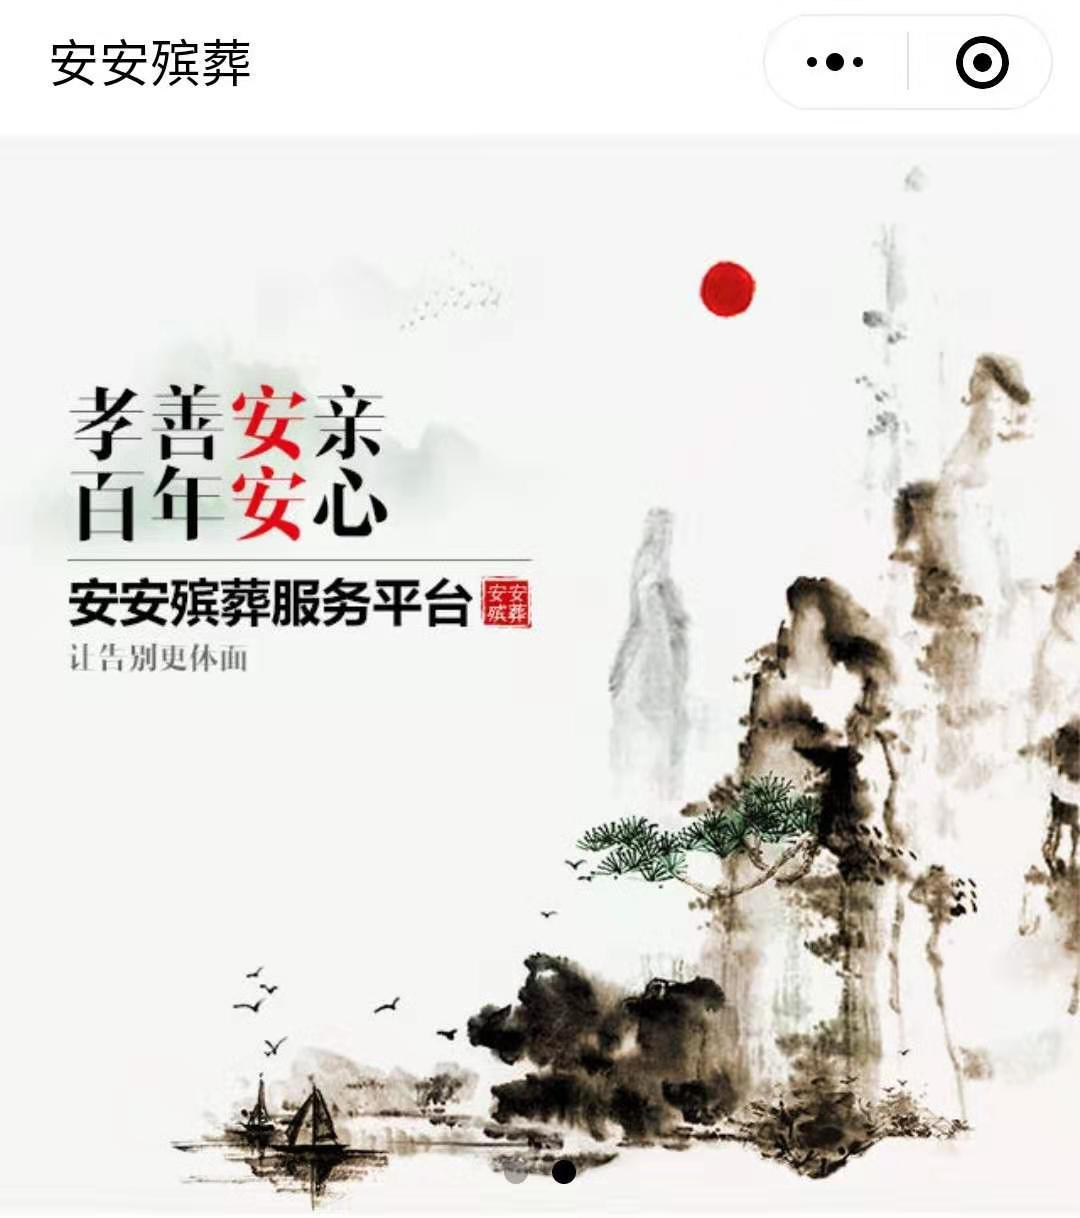 鞍山殯儀師_請殯儀師服務-請選擇安安彩虹